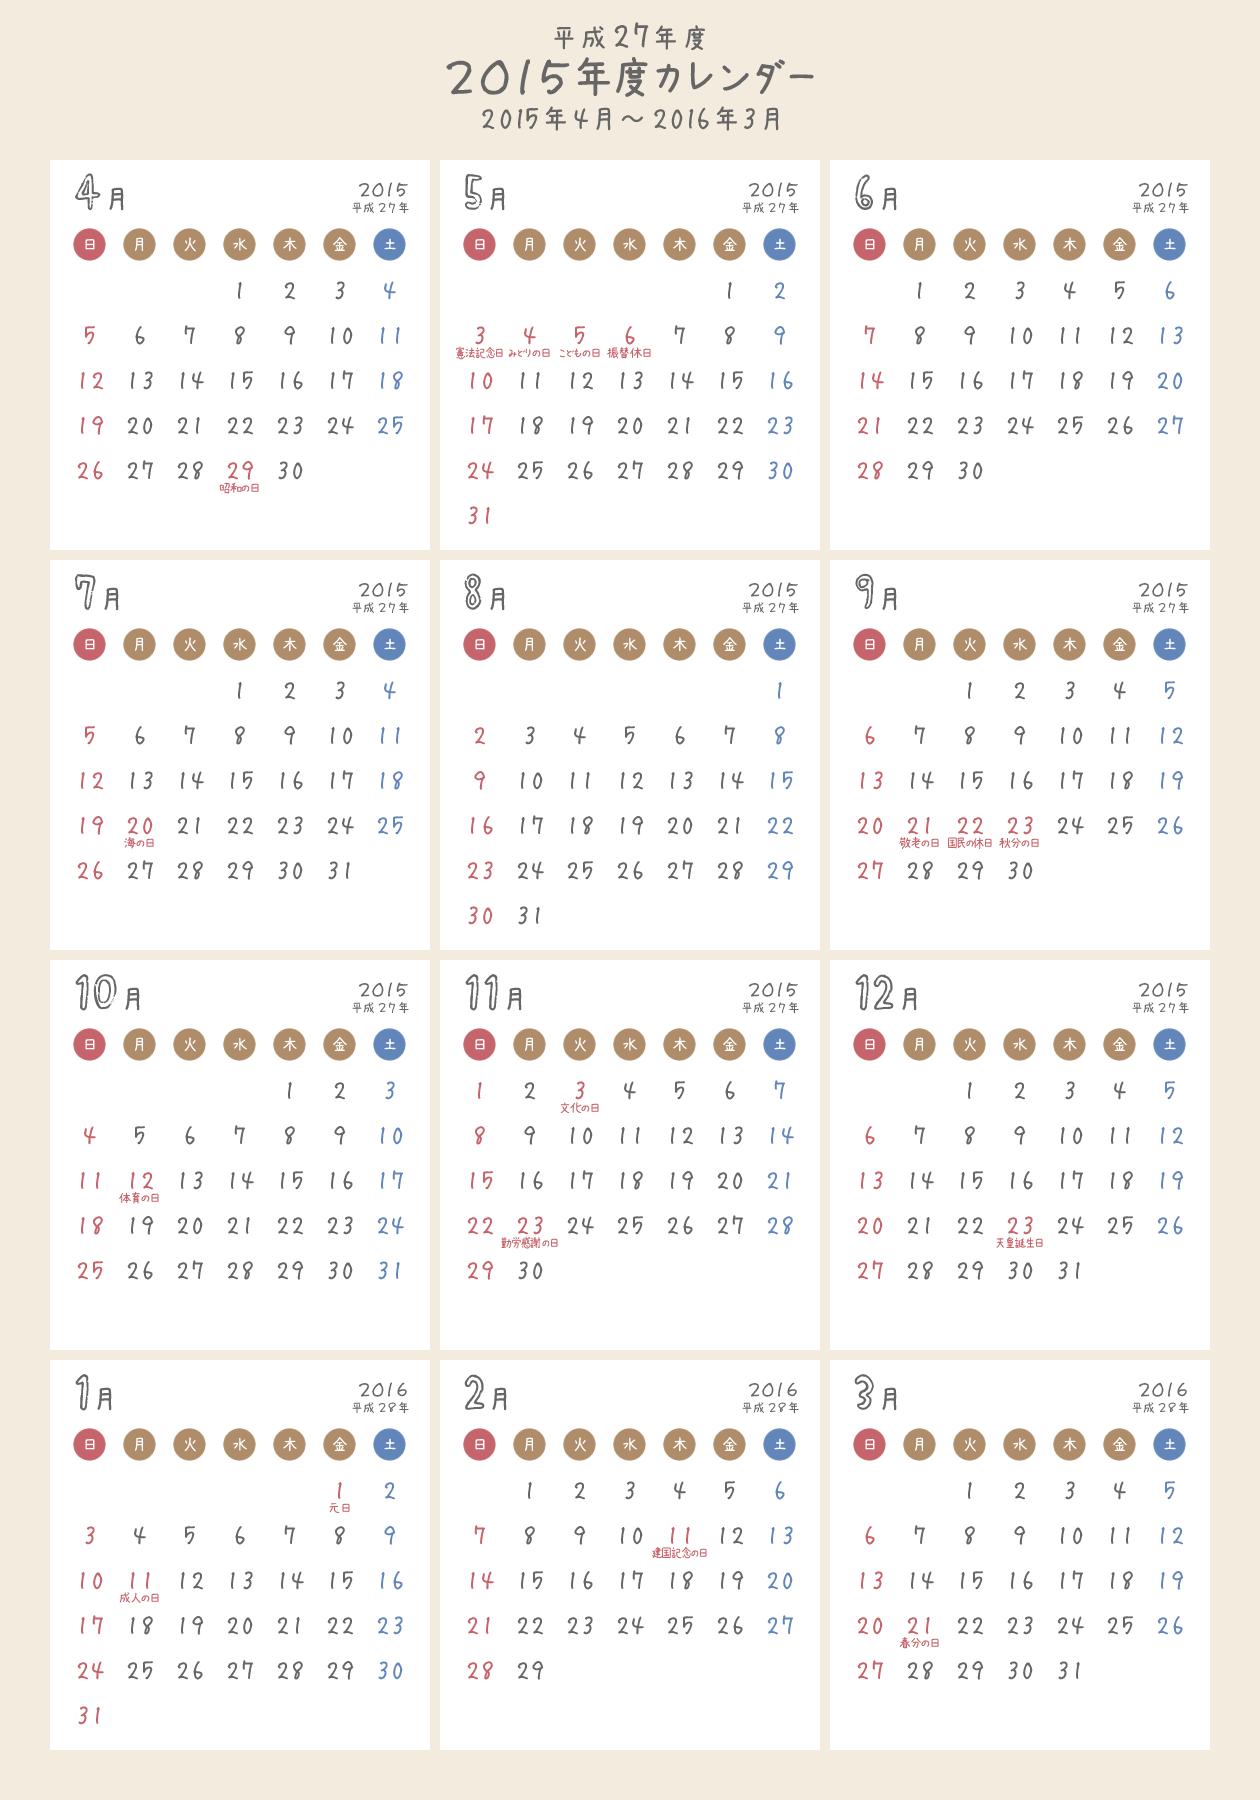 カレンダー 2015 カレンダー 年間 : 年間カレンダー|株式会社安藤 ...